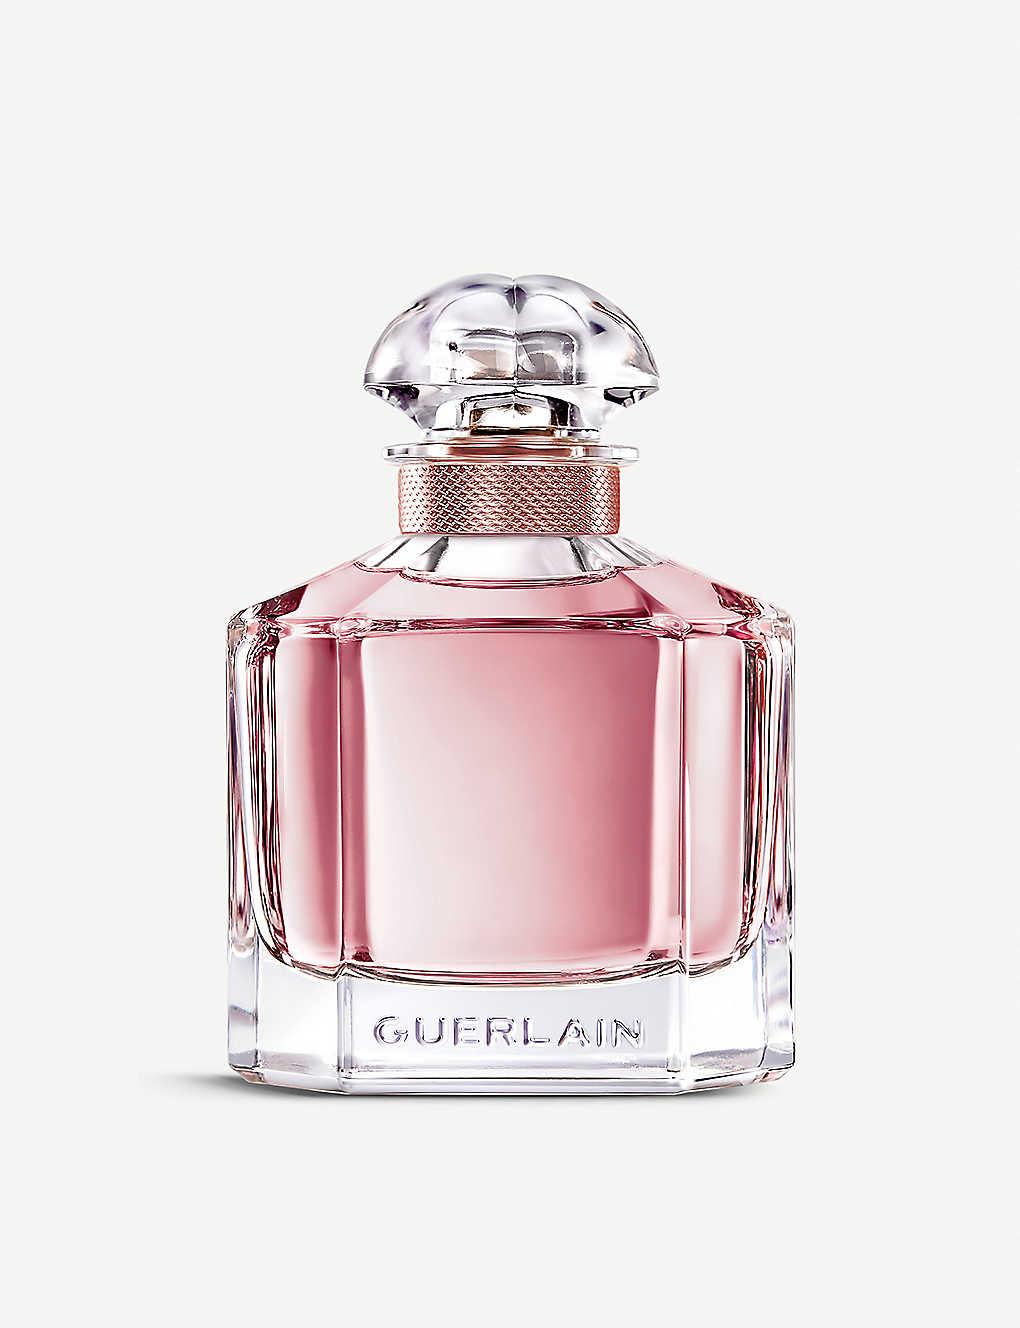 GUERLAIN - Mon Guerlain Eau De Parfum Florale   Selfridges.com